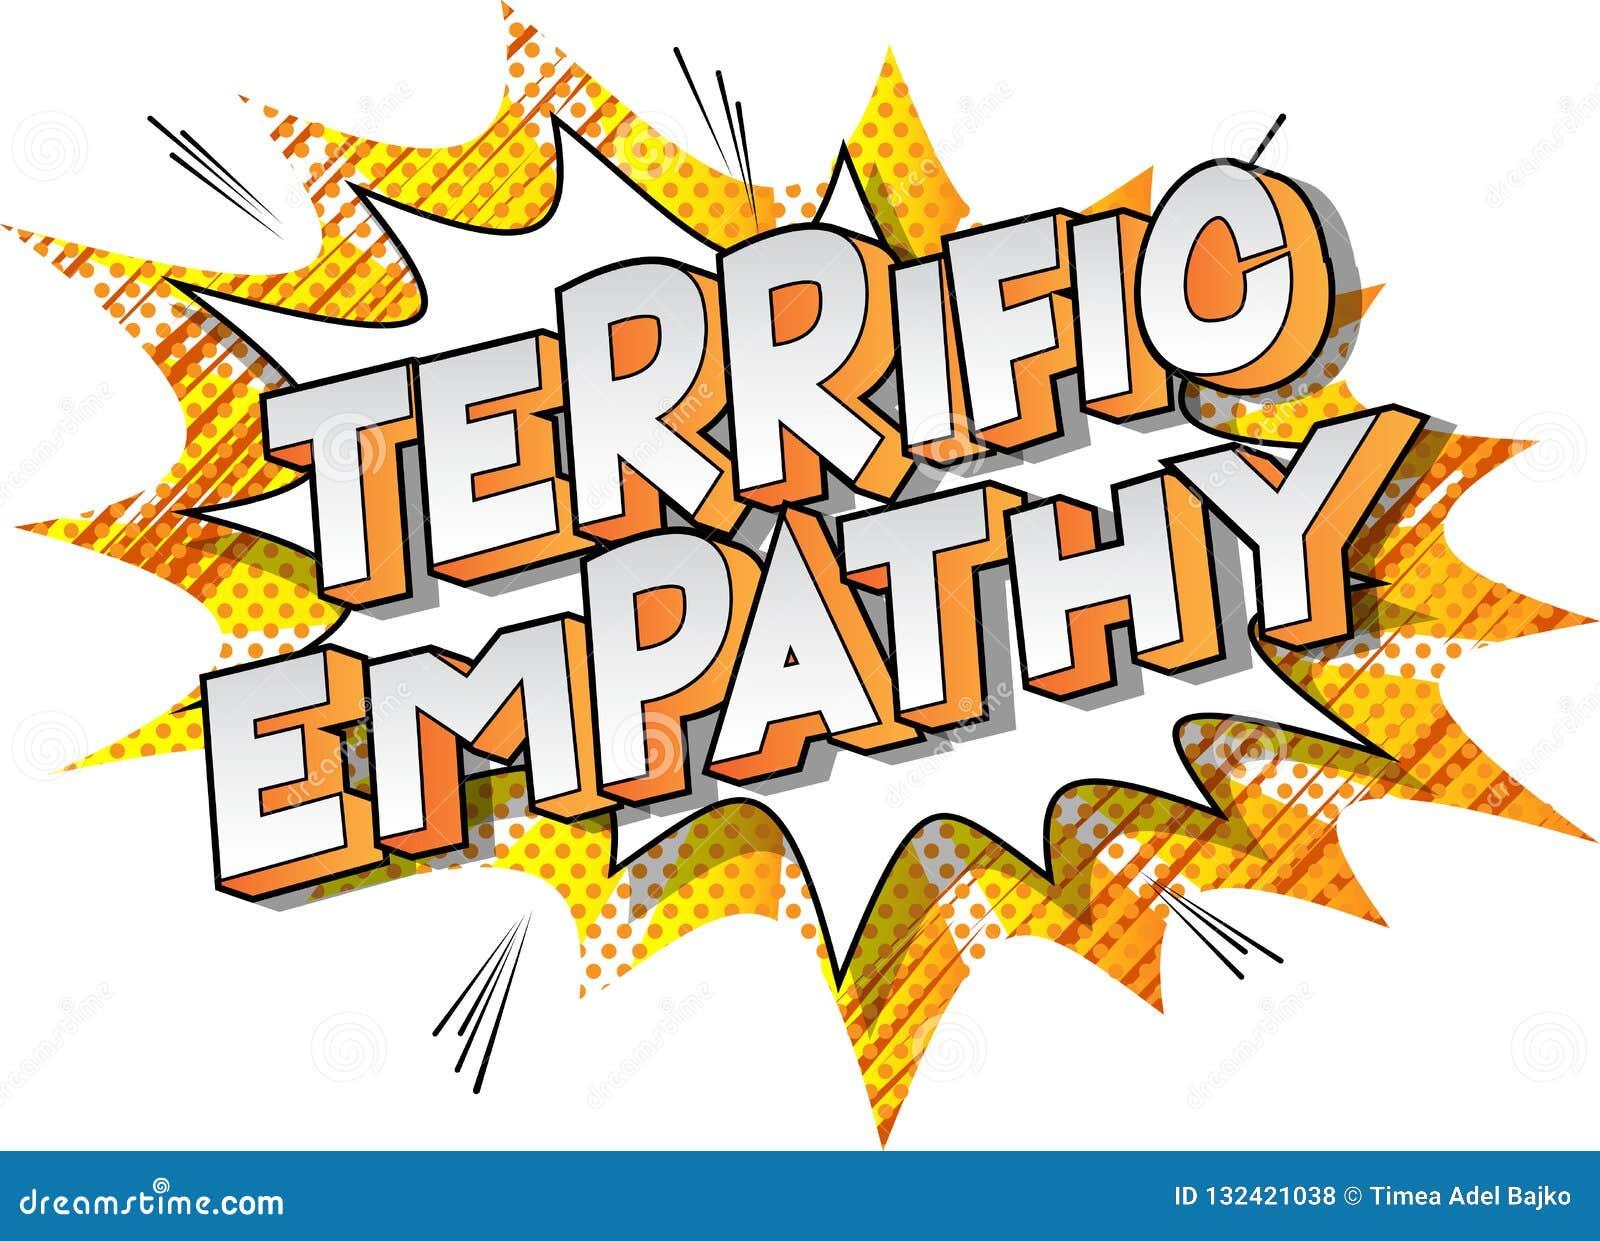 Verschrikkelijk Empathie - de Grappige woorden van de boekstijl